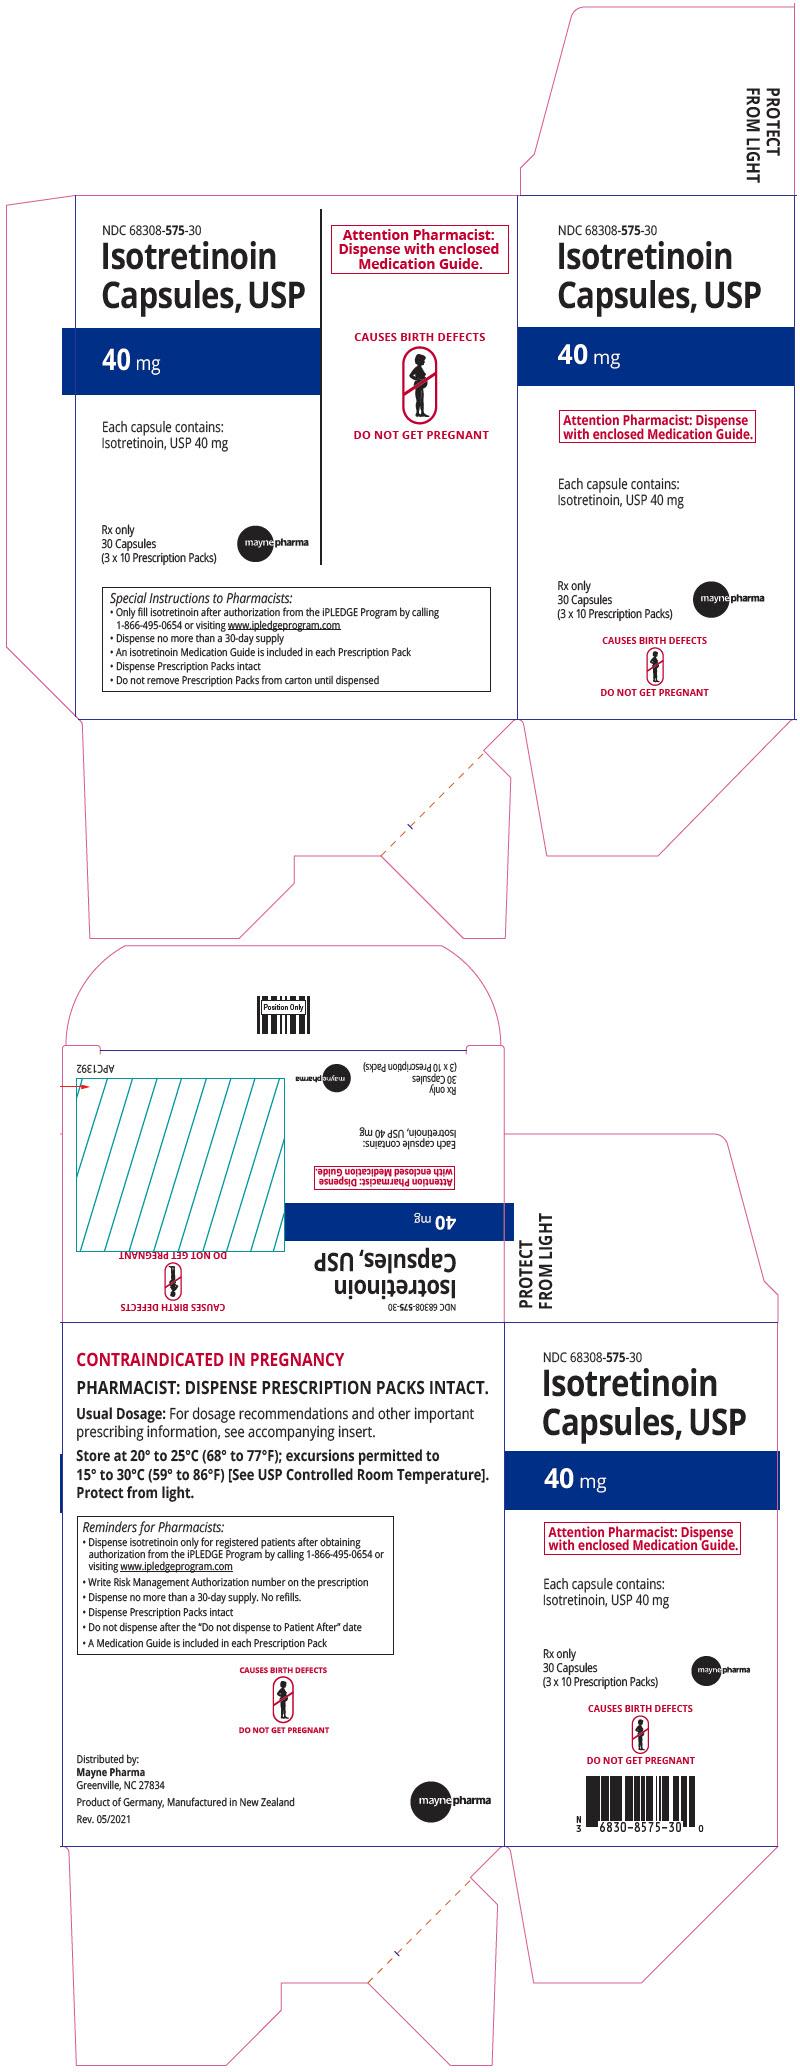 PRINCIPAL DISPLAY PANEL - 40 mg Capsule Prescription Pack Carton